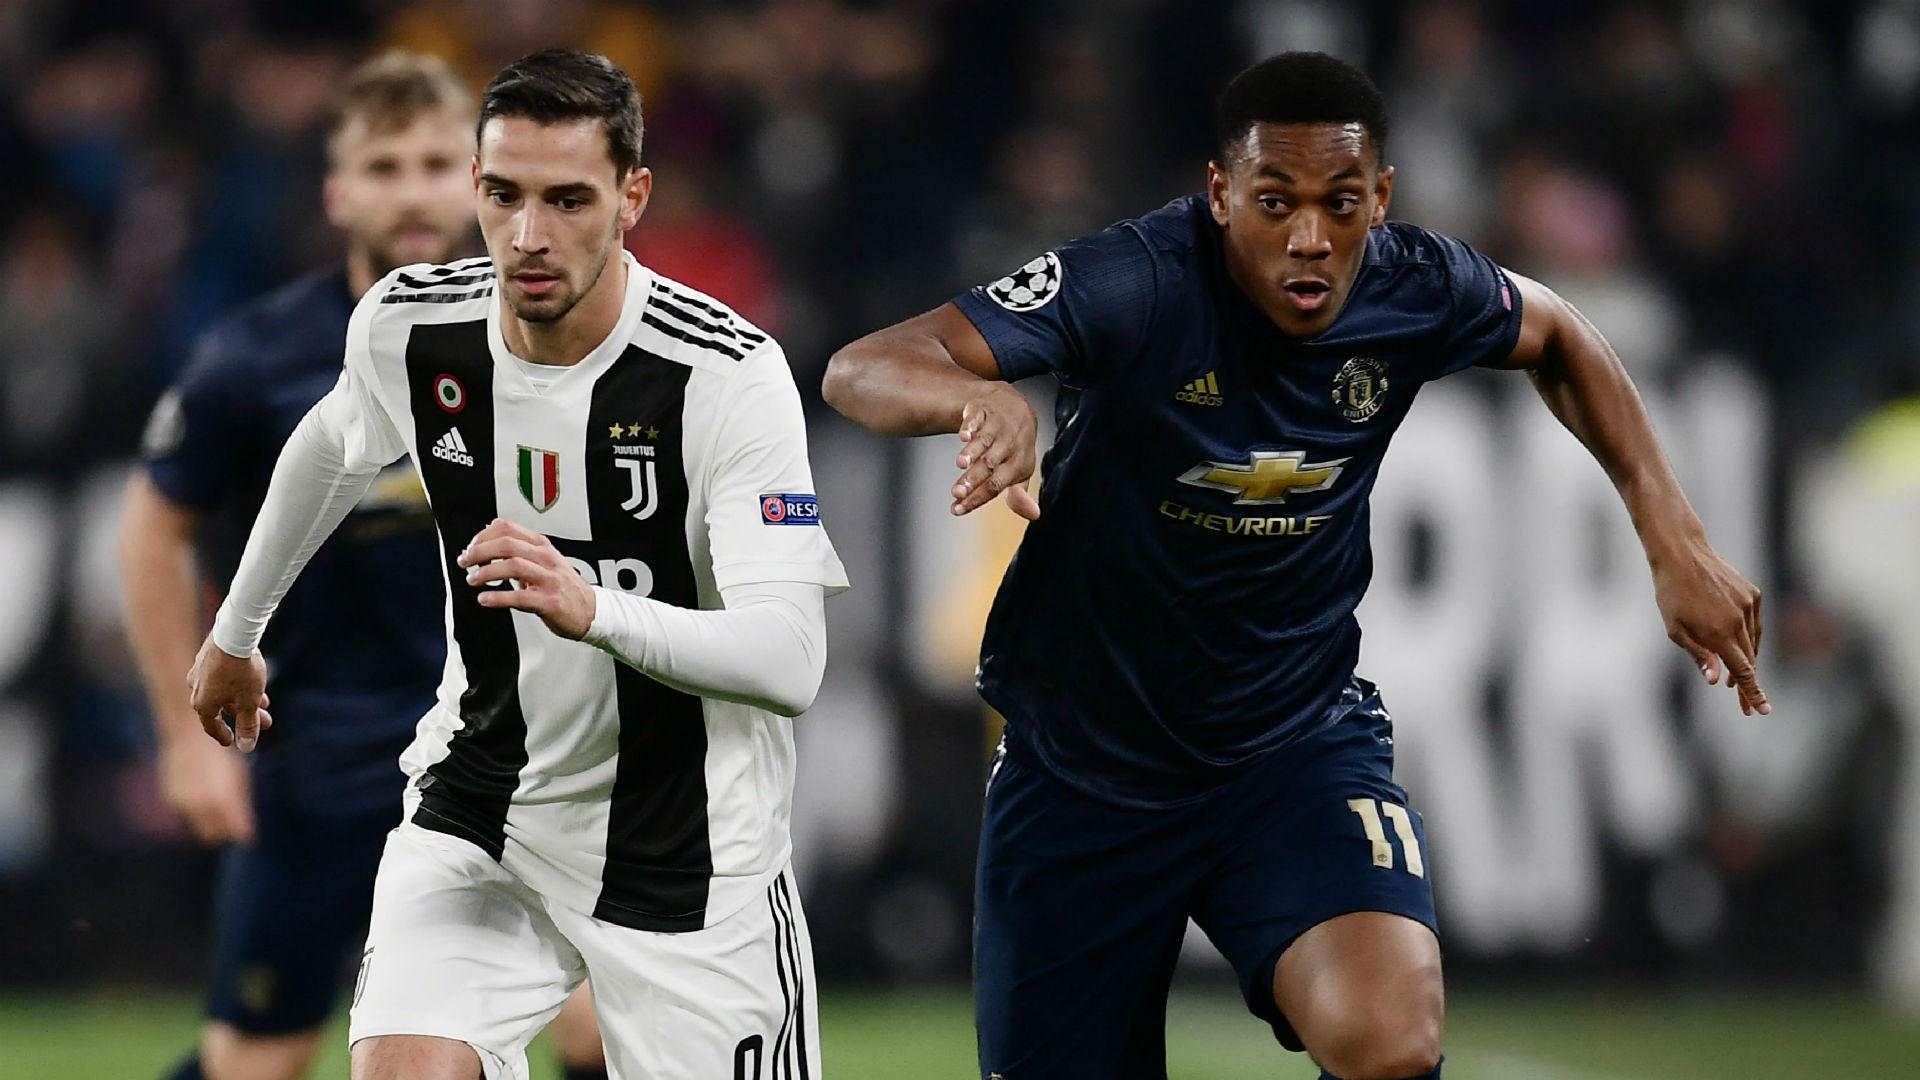 Man Utd boss Jose Mourinho reveals secret to Anthony Martial's brilliant form